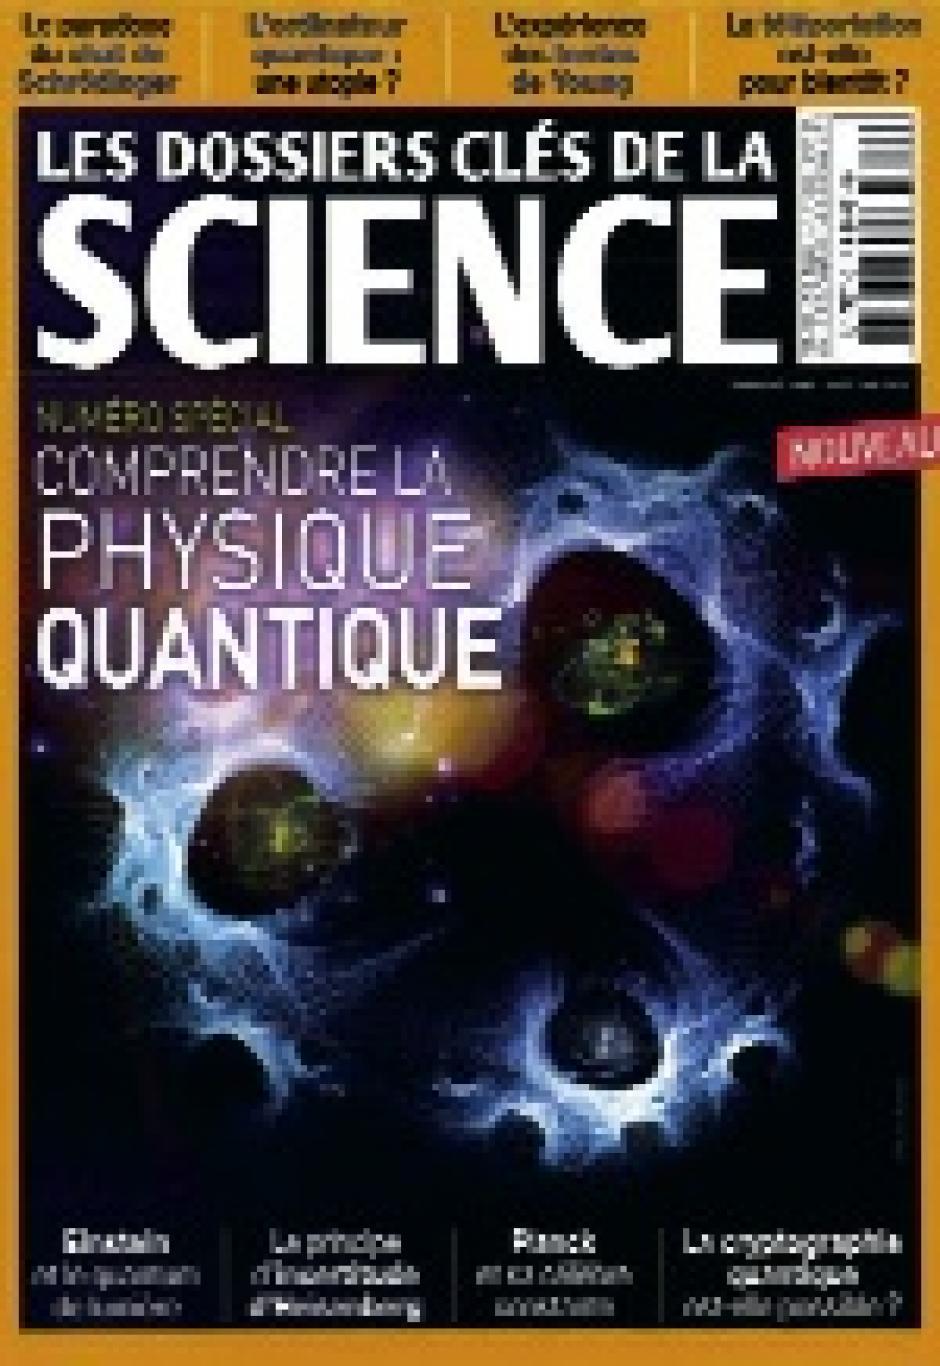 « Comprendre la physique quantique» Les Dossiers clés de la science, février 2013